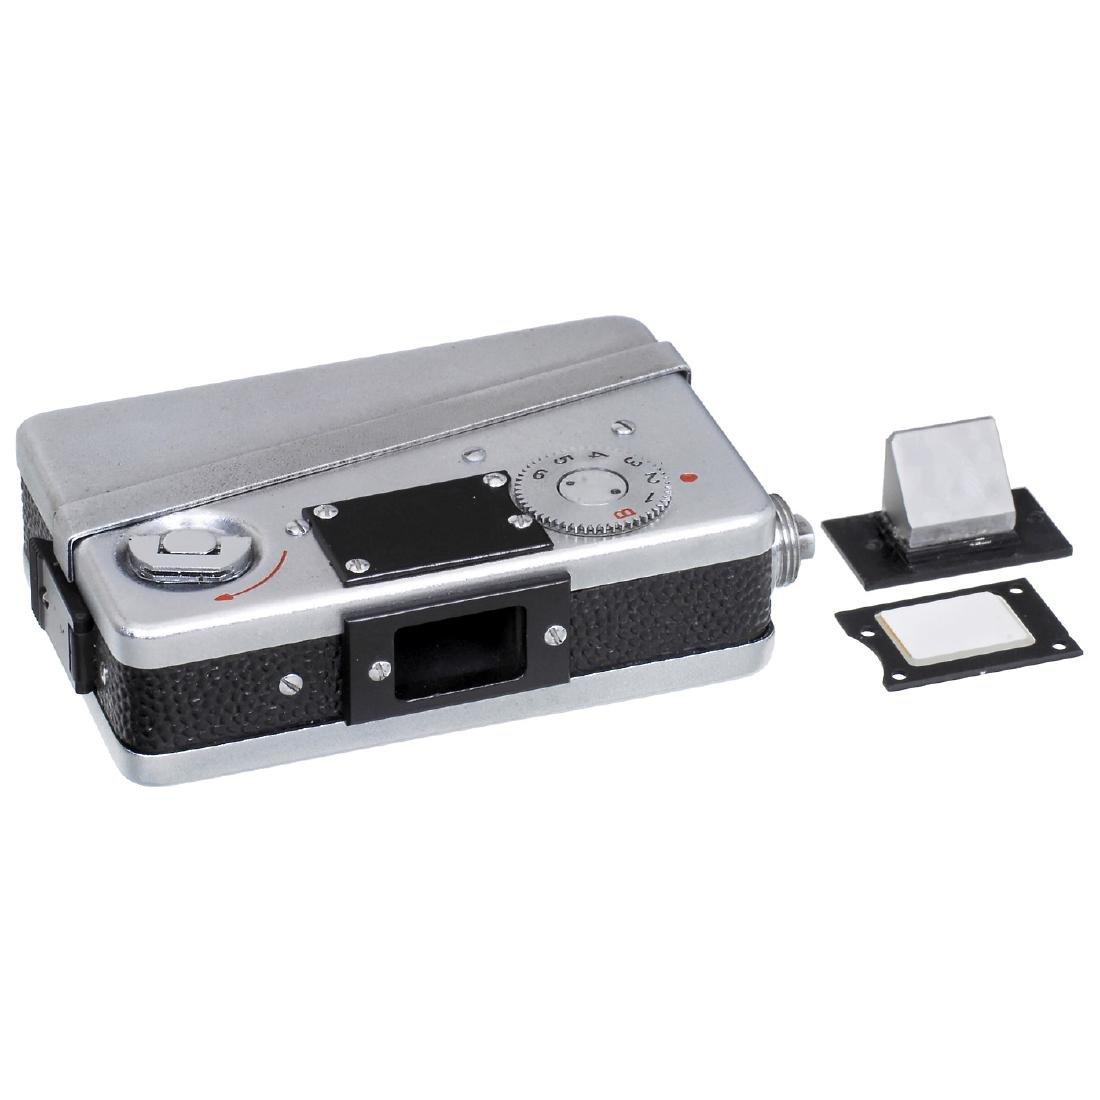 CSSR Subminiature Spy Camera, 1960-70